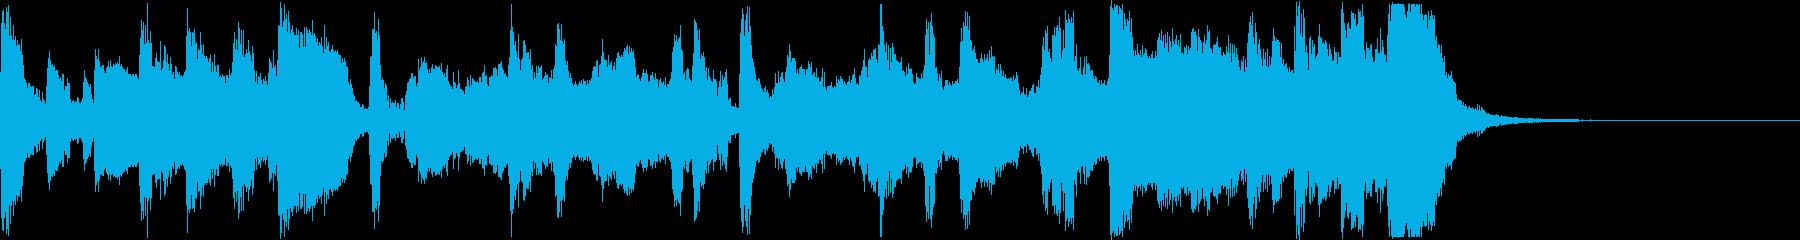 勇ましいトランペット・ファンファーレの再生済みの波形